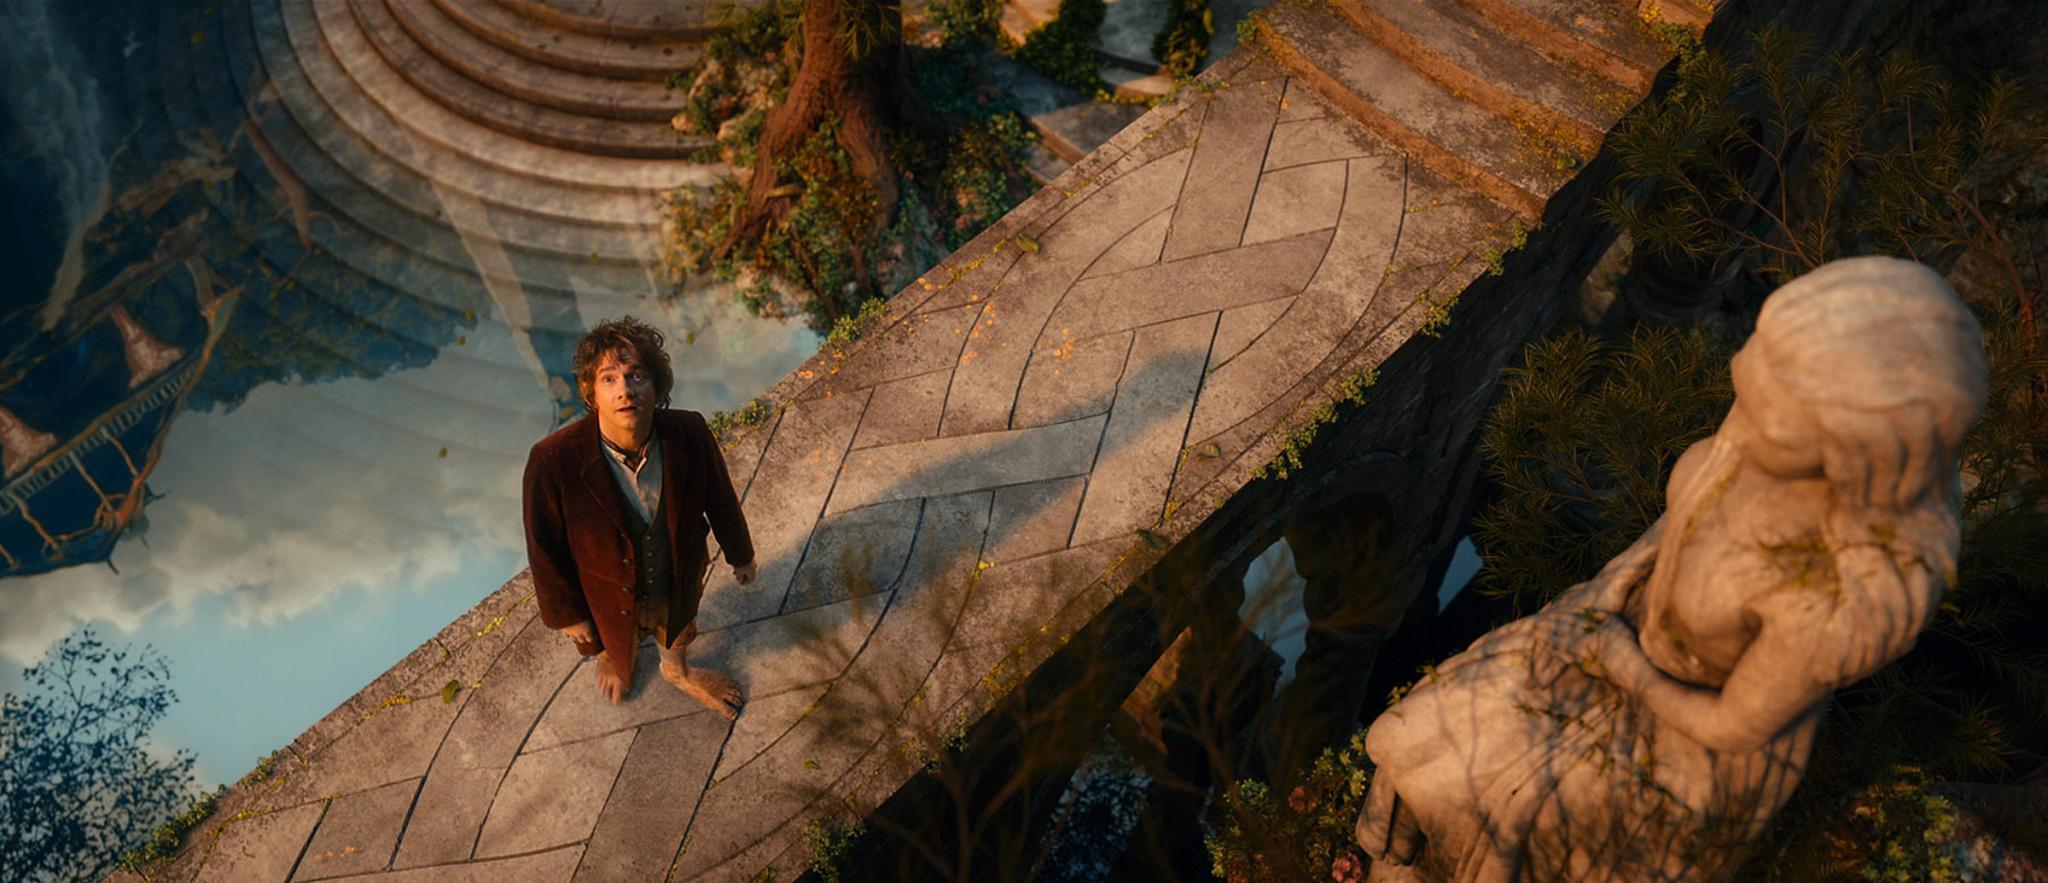 《霍比特人1:意外旅程》发高清剧照 新预告片场景提前看 [点击图片看超大图]